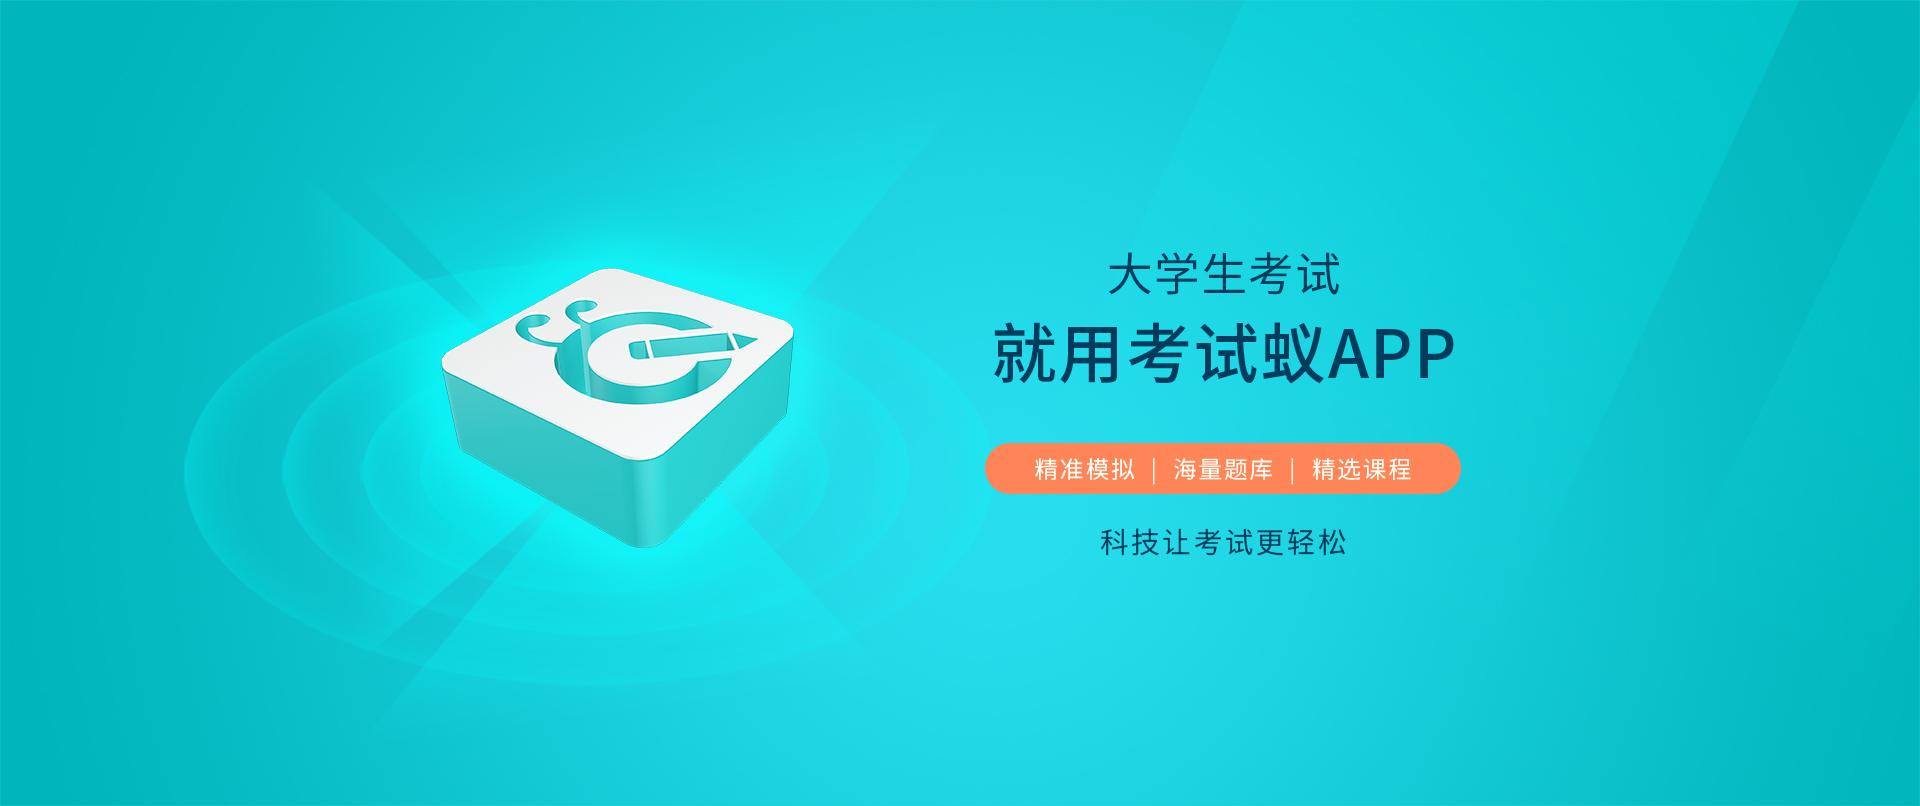 官网banner35